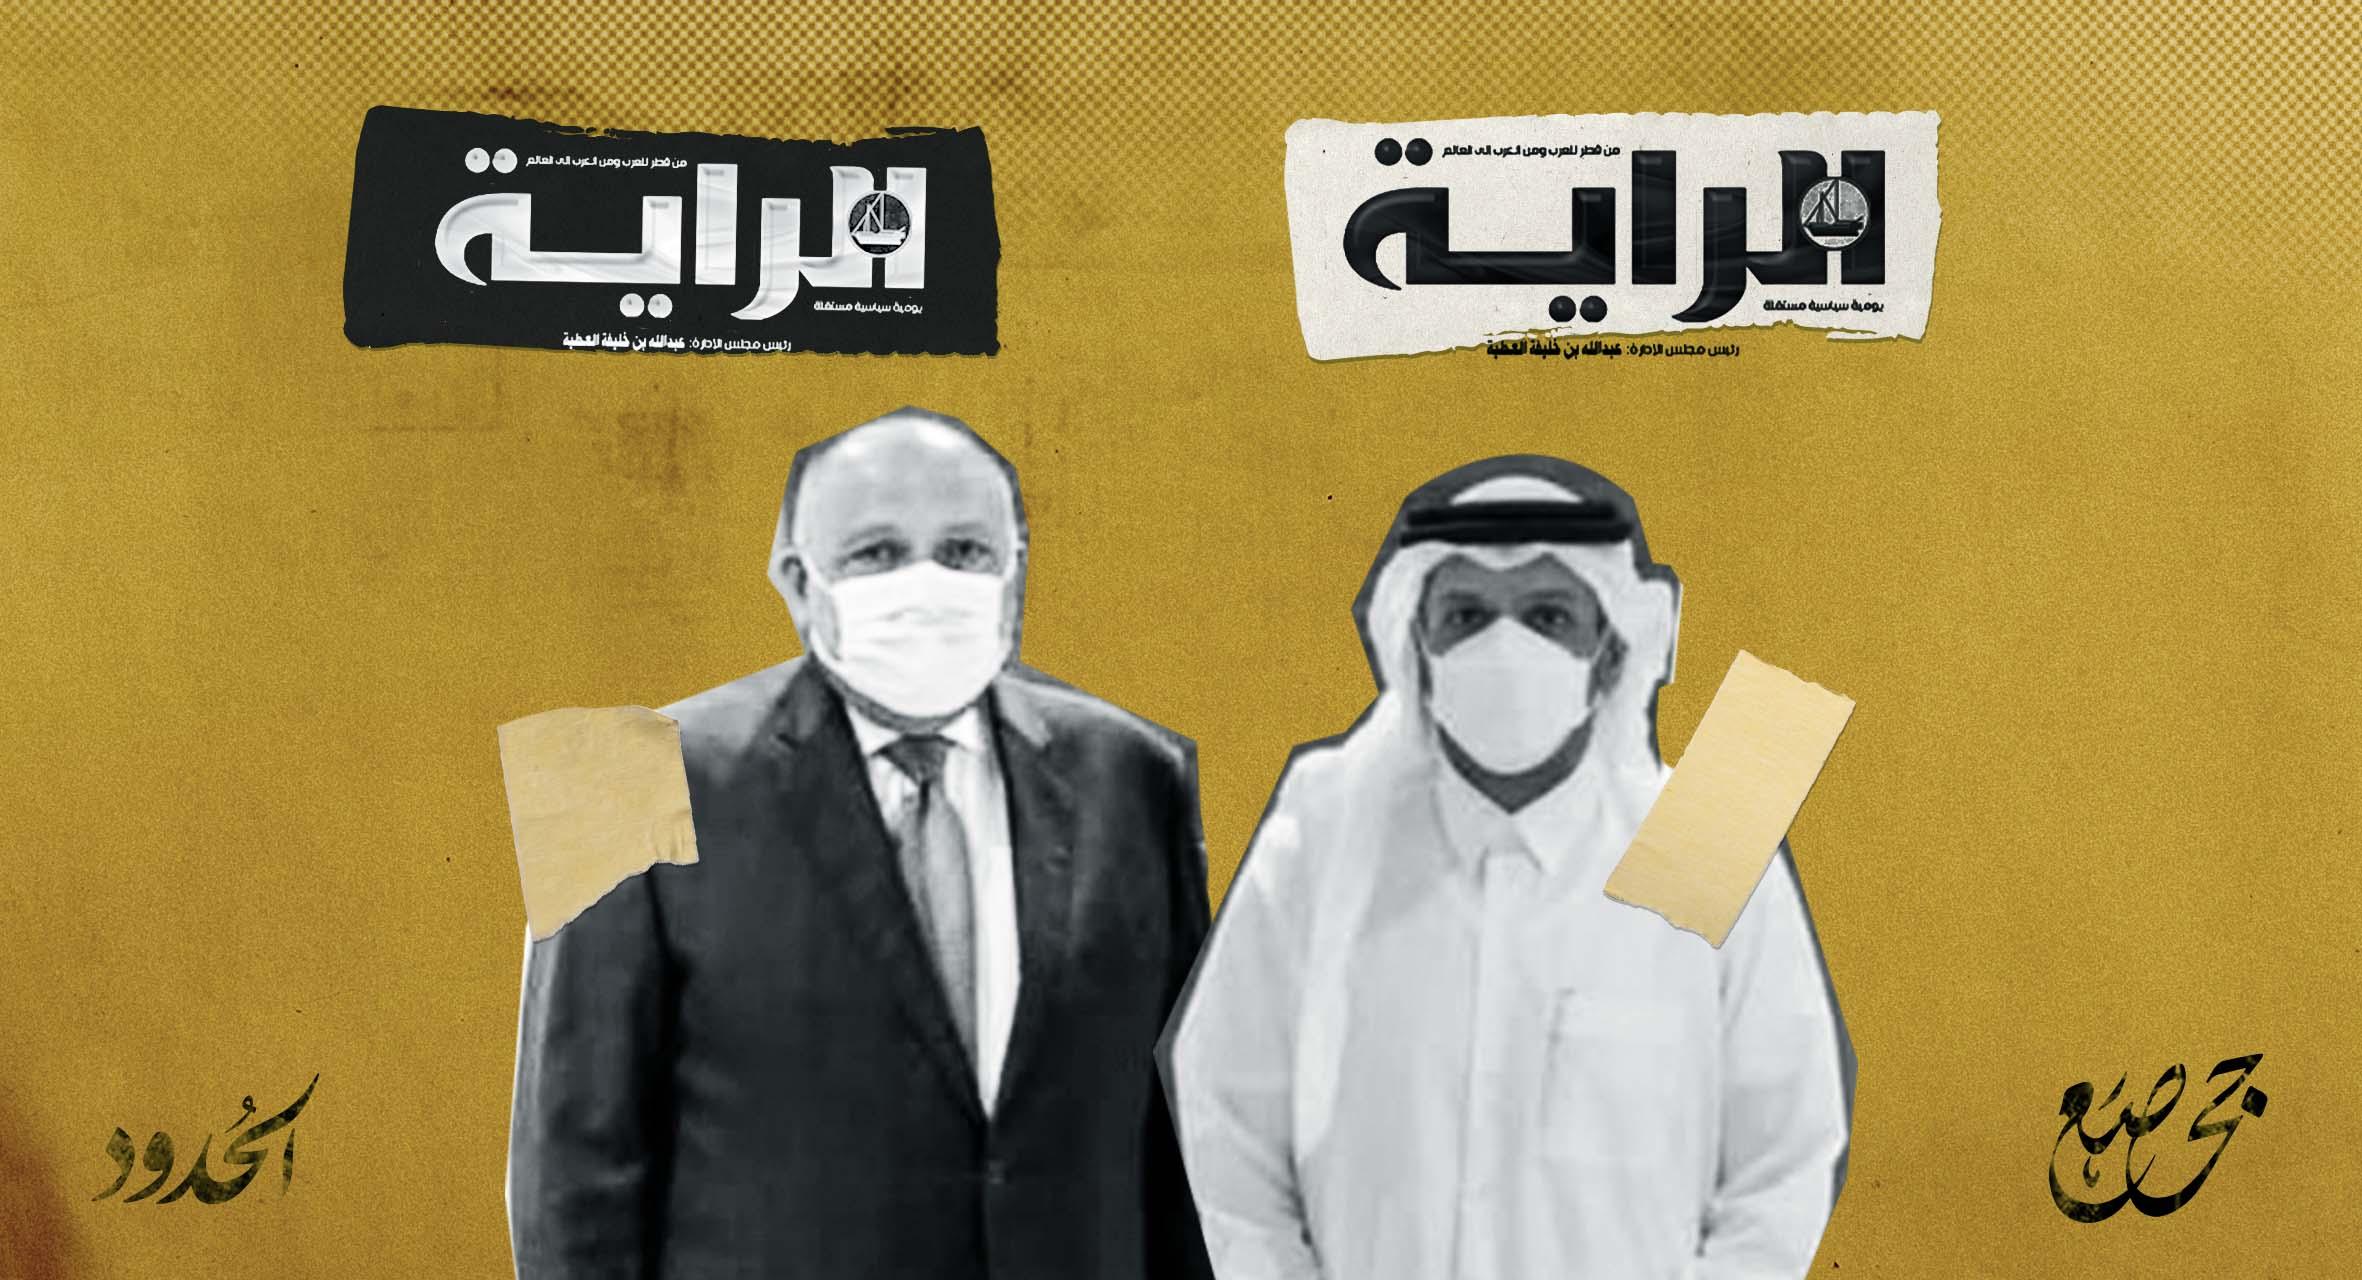 """صورة  تصالح """"الراية"""" القطرية مع """"الدور التخريبي"""" لمصر في ليبيا"""